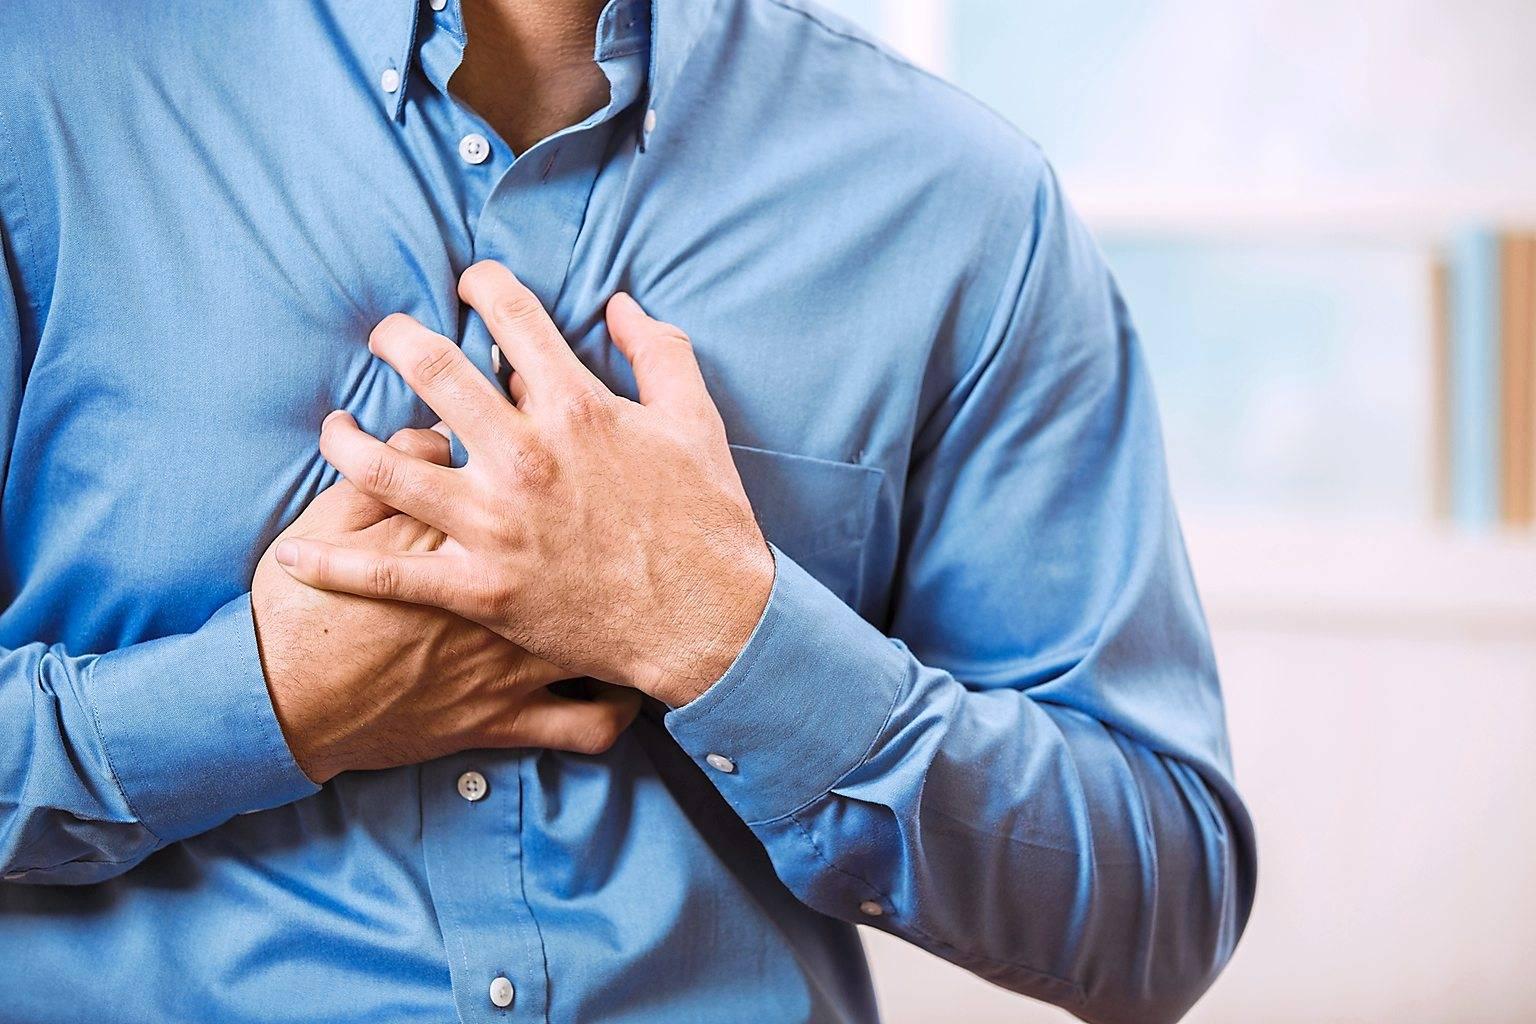 Tempat Pengobatan Jantung di Tangerang dan Palembang Paling Dipercaya